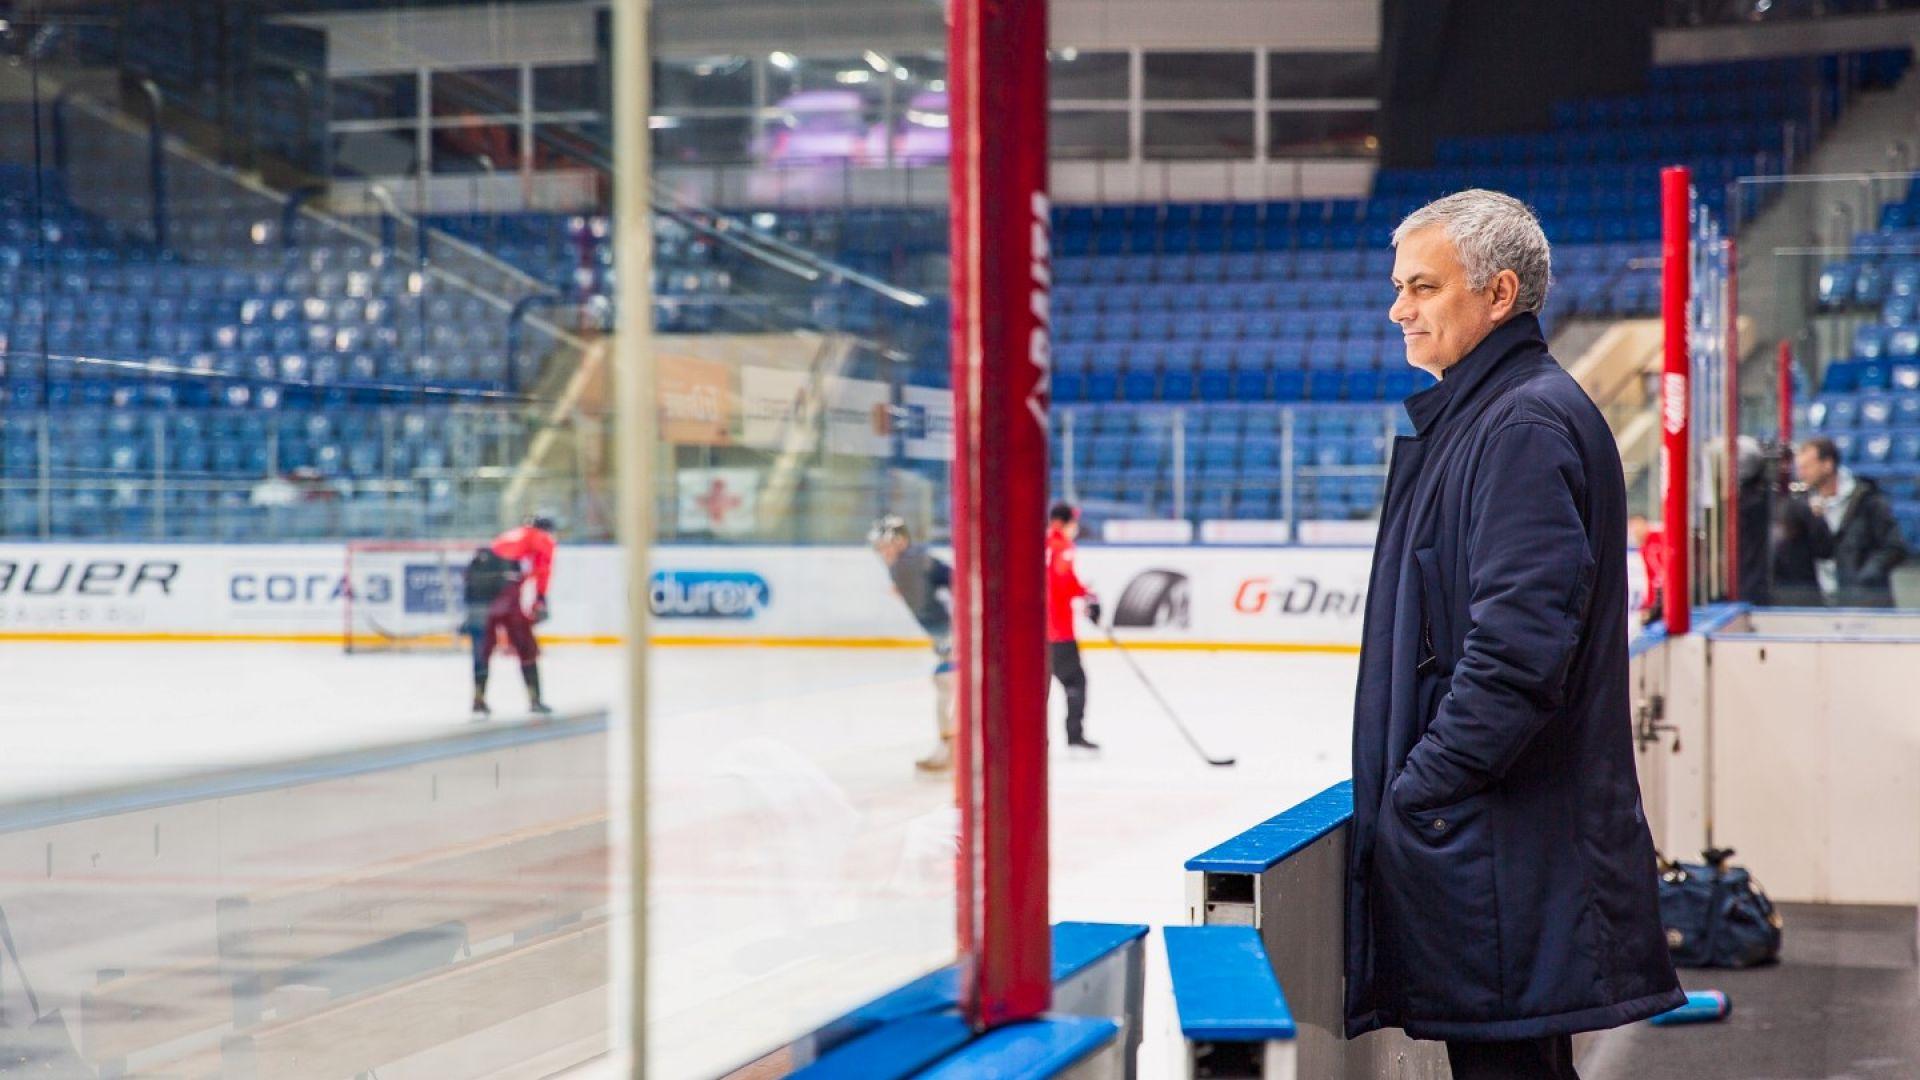 Намери ли в Русия новия си отбор (и спорт) Жозе Моуриньо? (снимки)